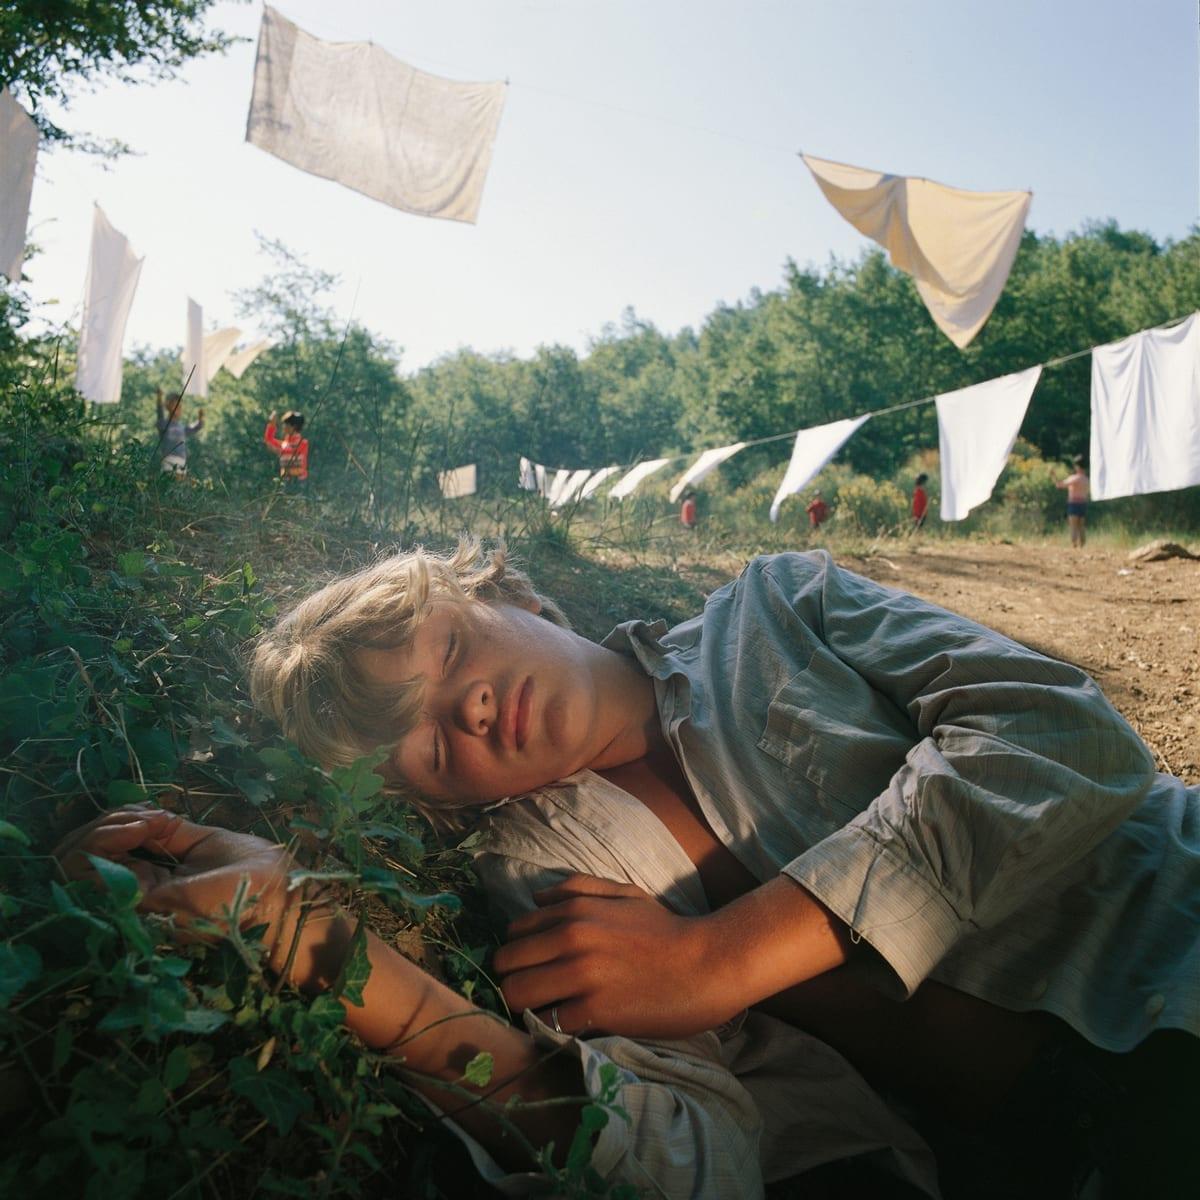 Bernard Faucon, Le Dormeur, Les Grandes Vacances